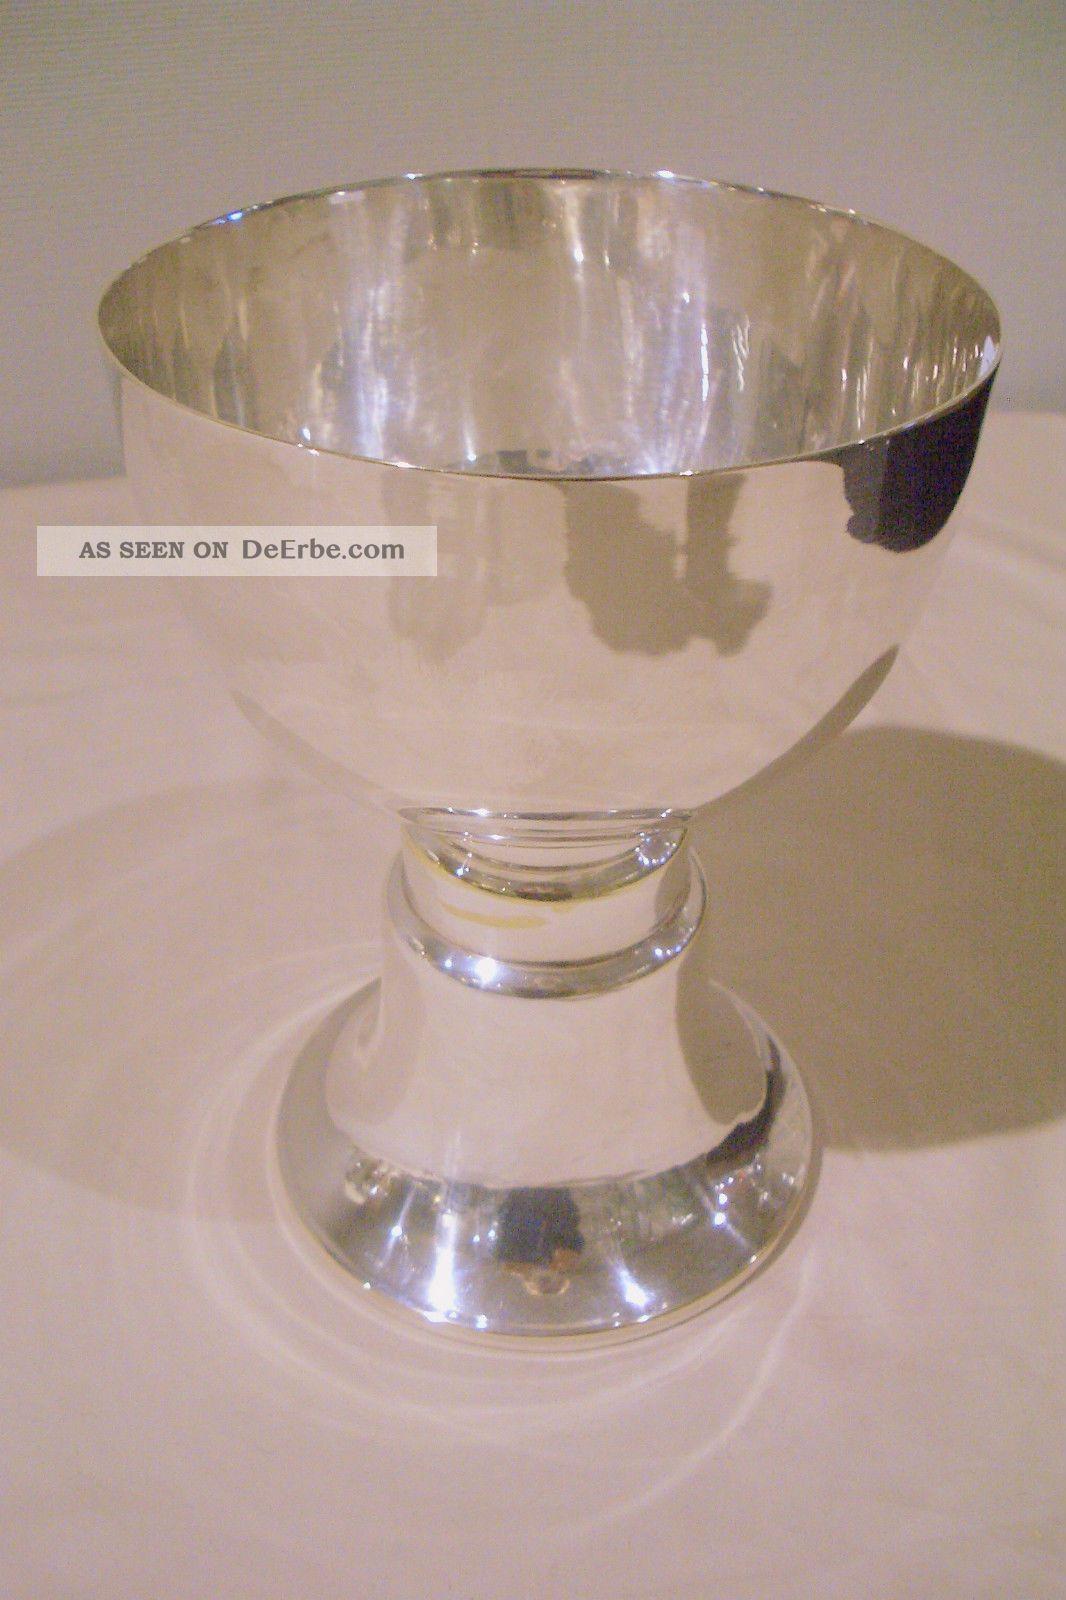 Pokal Ca 20 Cm Hoch 14 Cm Durchmesser Oben Wiskemann